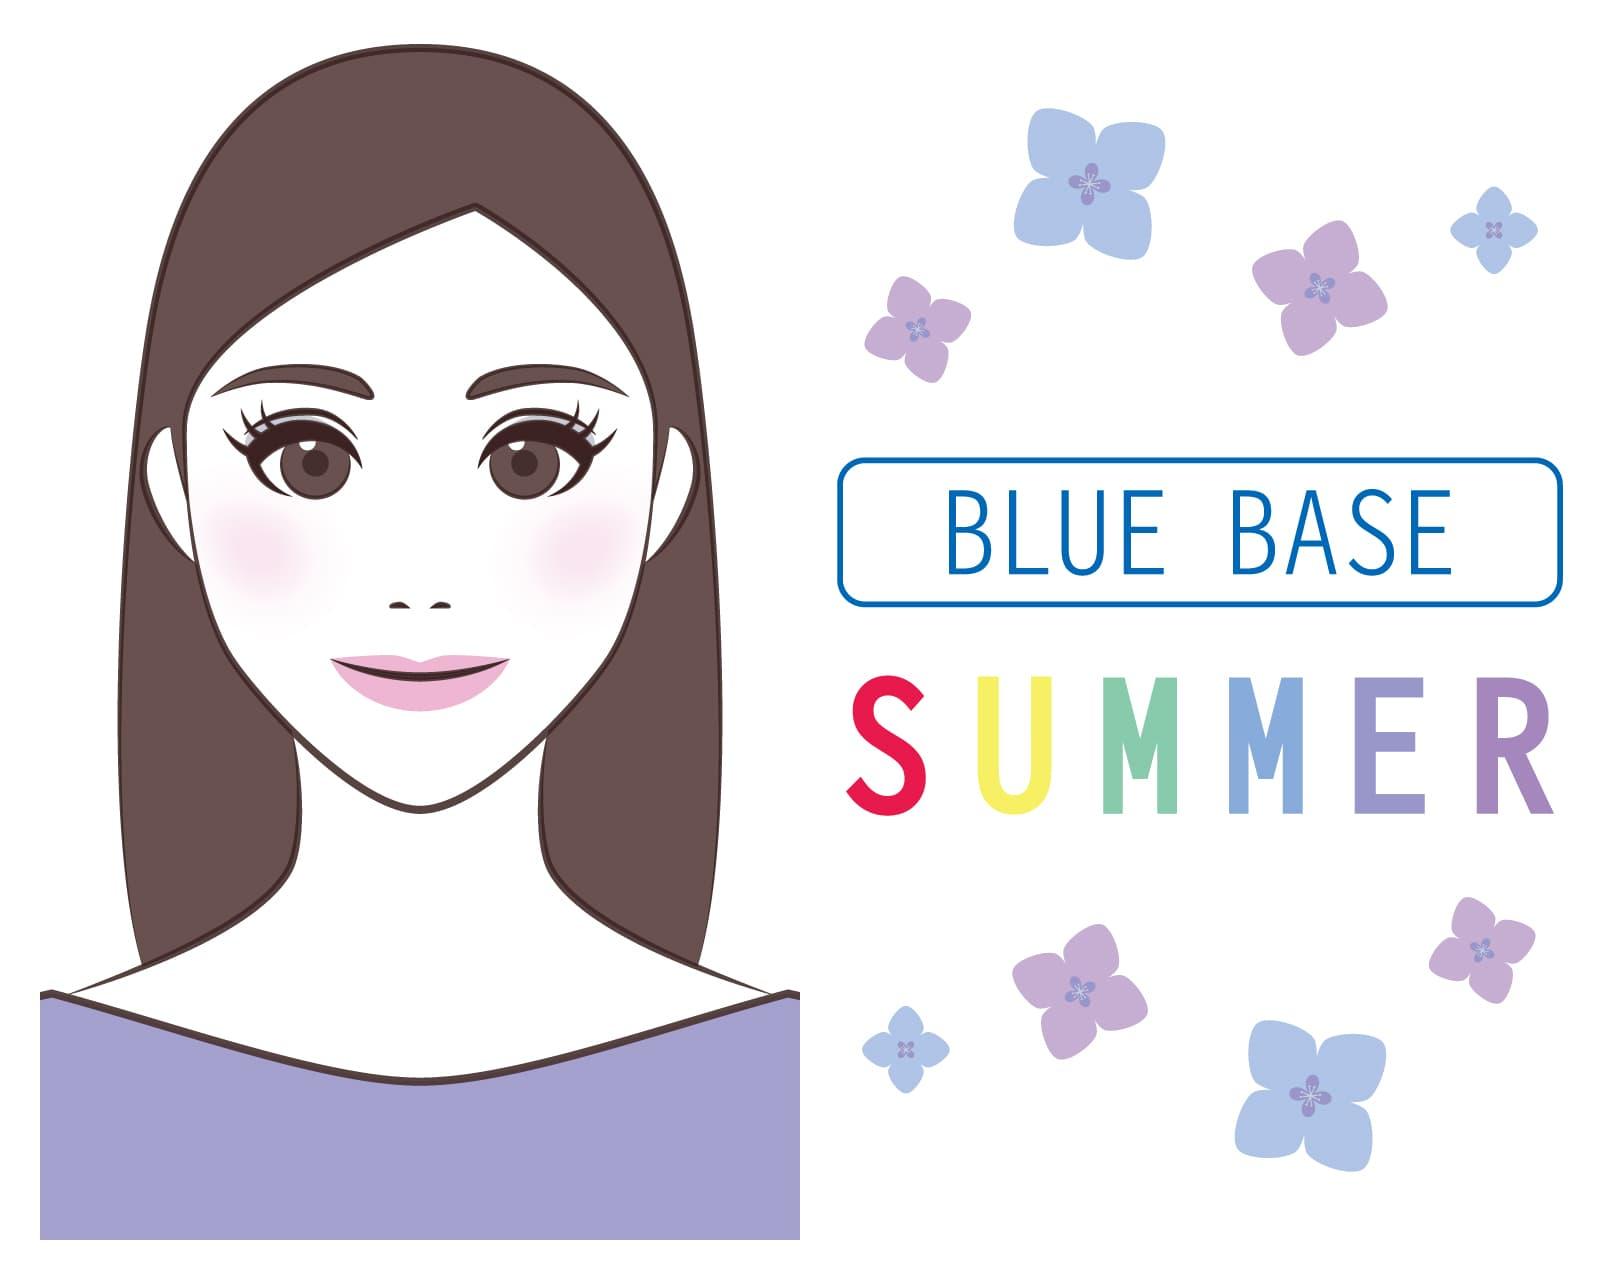 ブルべ夏に似合うマスクの色は